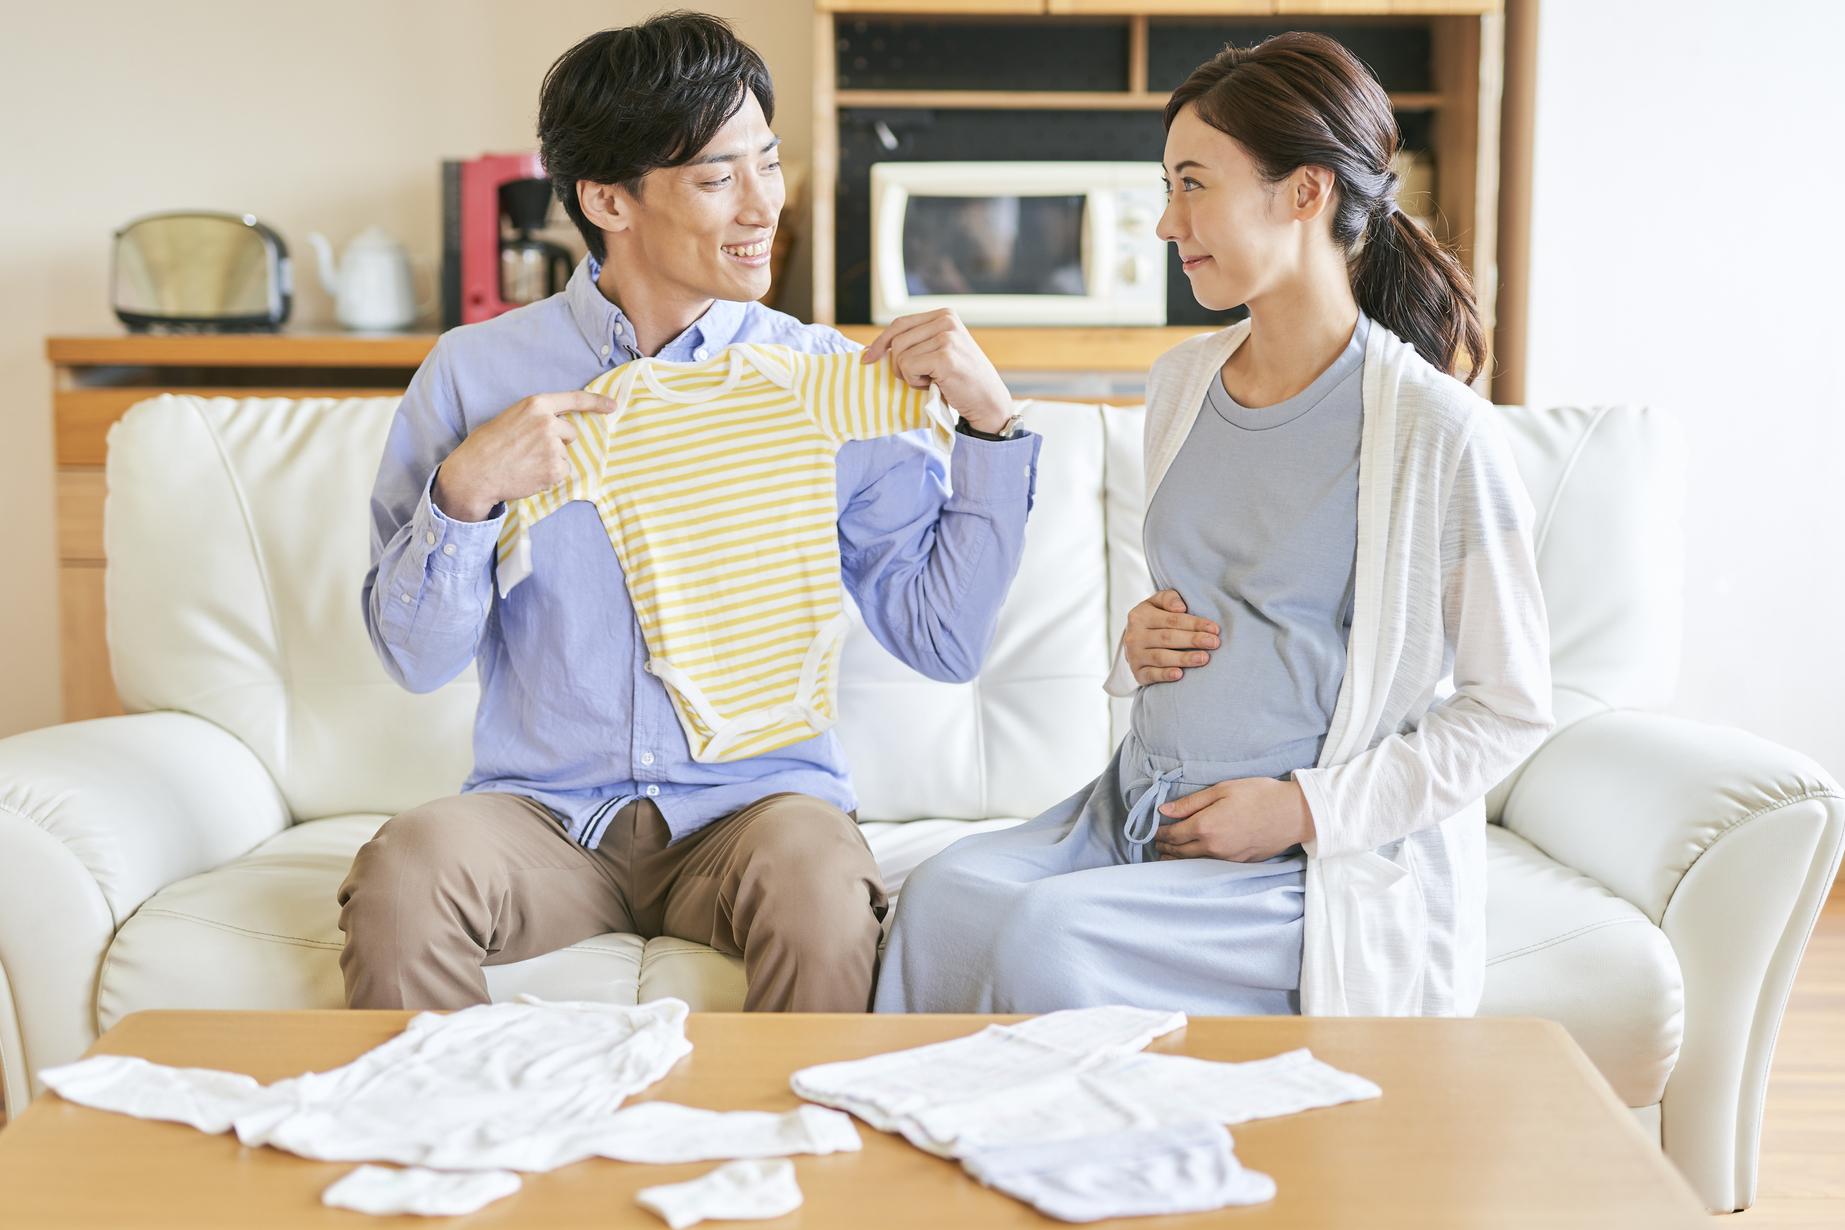 【最低限】出産準備リスト。あると便利なもの&費用を抑える代用術